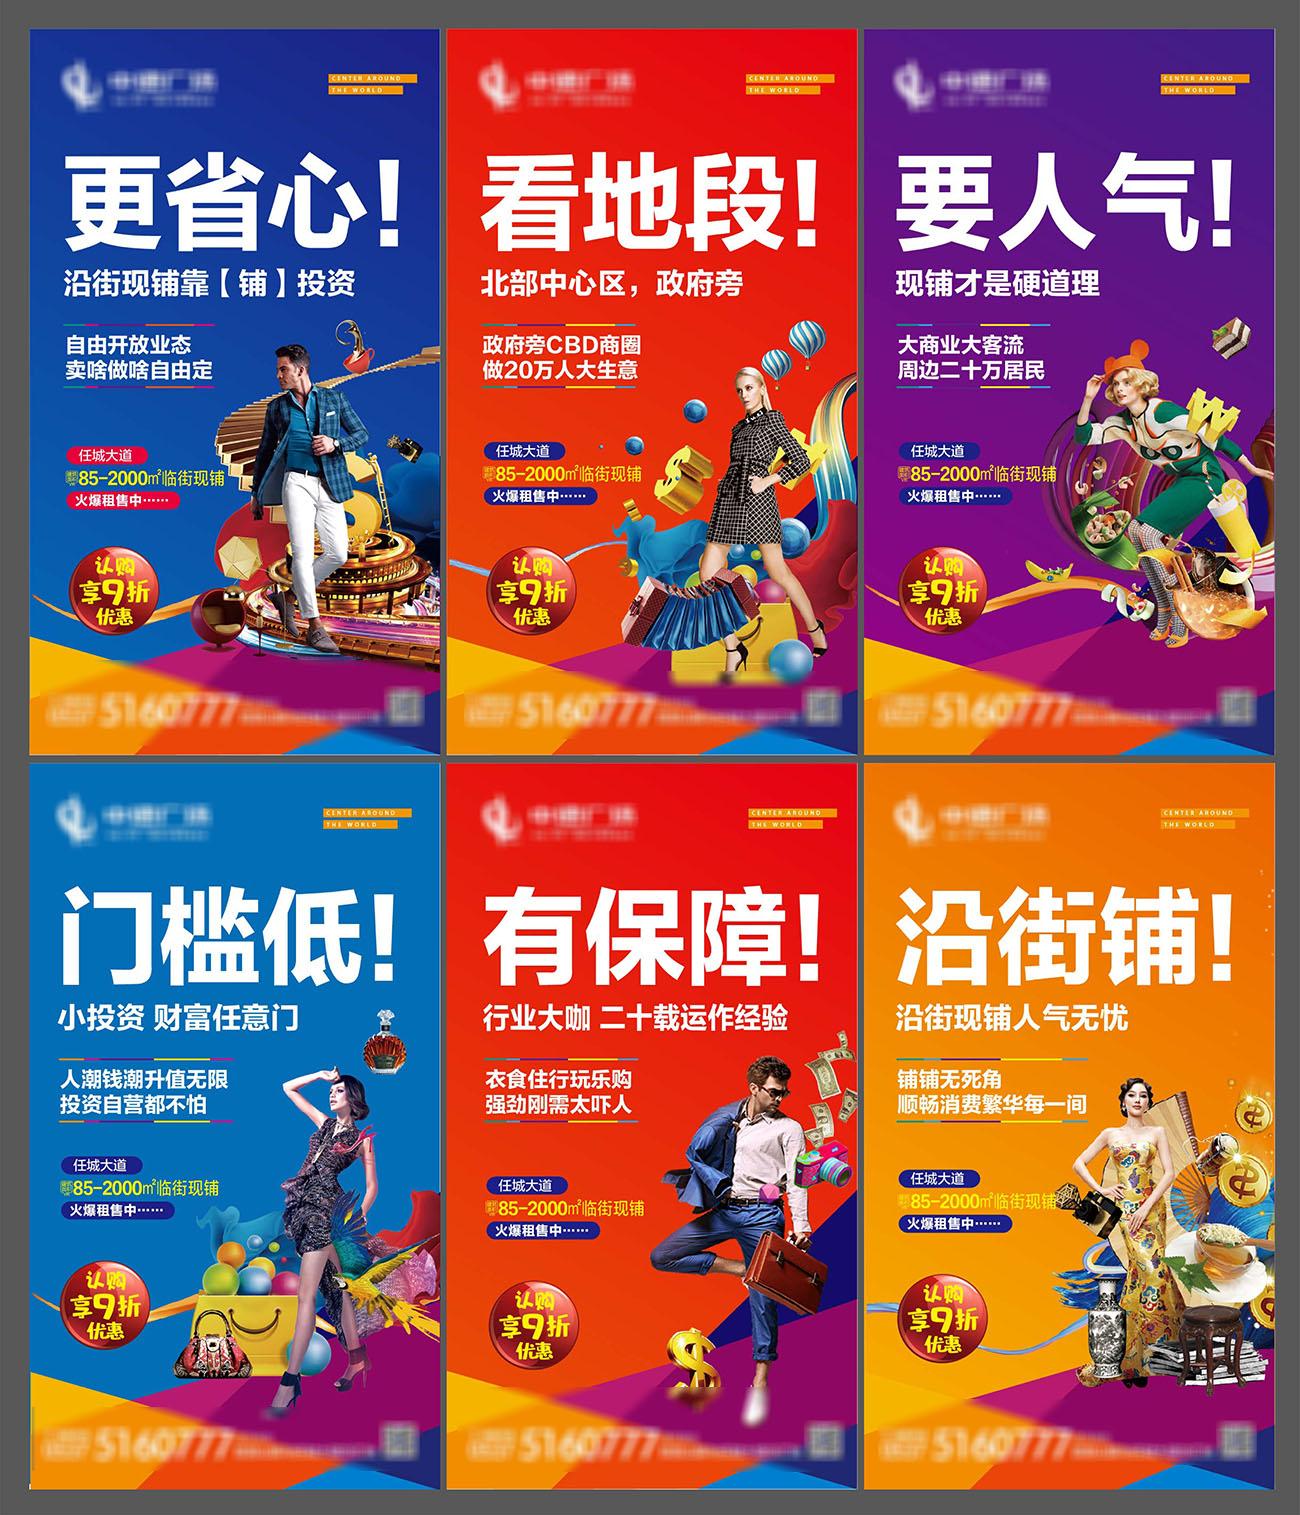 地产临街商铺招商海报AI源文件插图